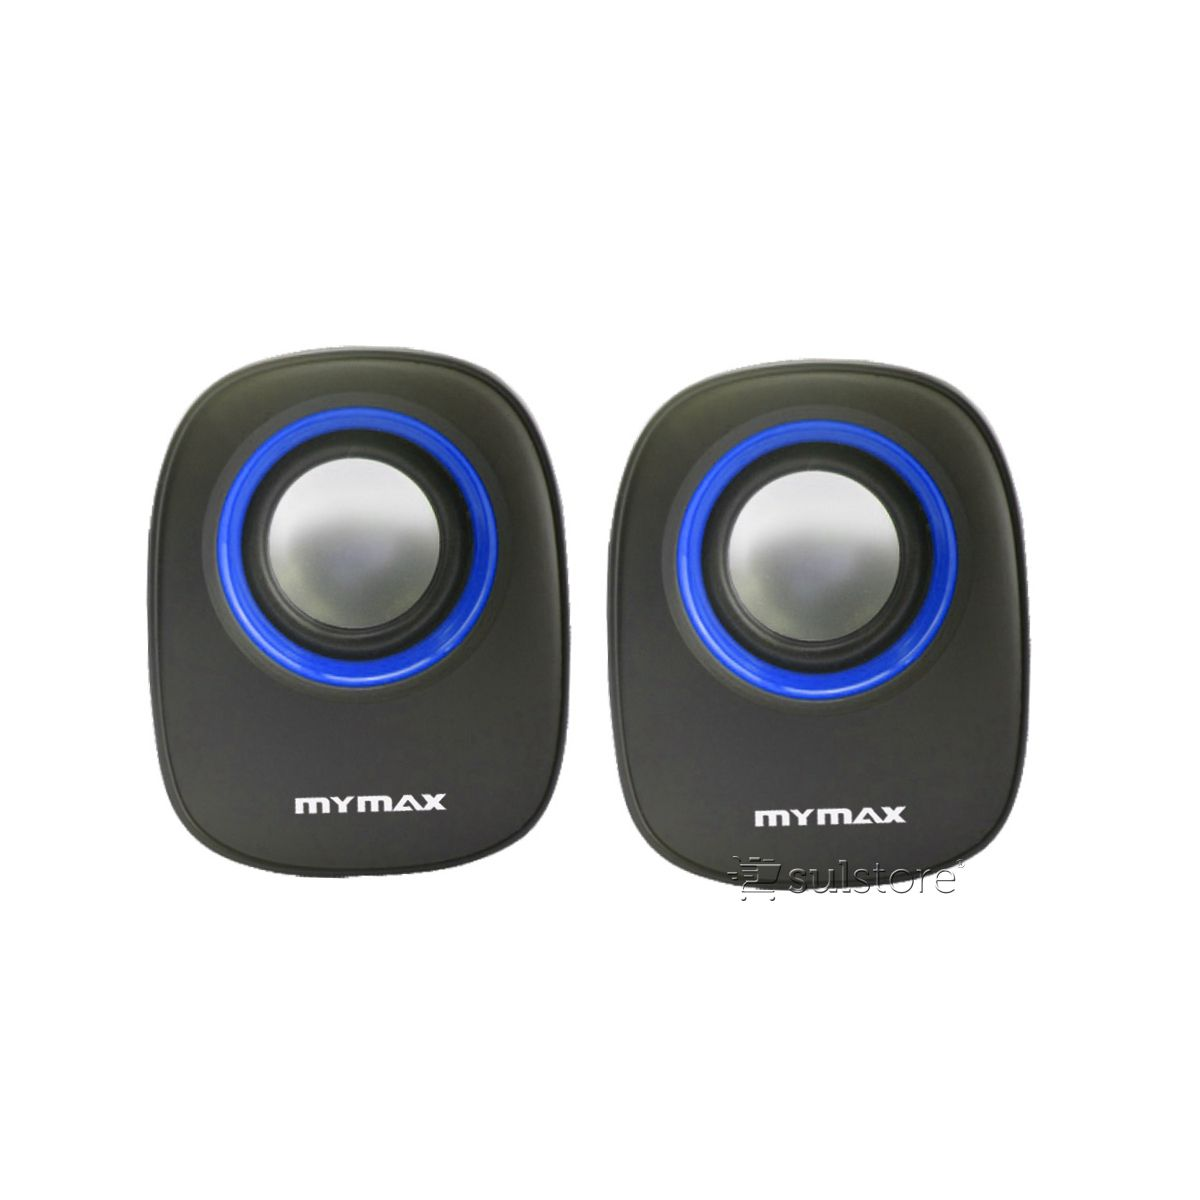 Caixa De Som USB P2 Mymax 6w Rms SPK-SP205/BL Preto Com Detalhe Azul